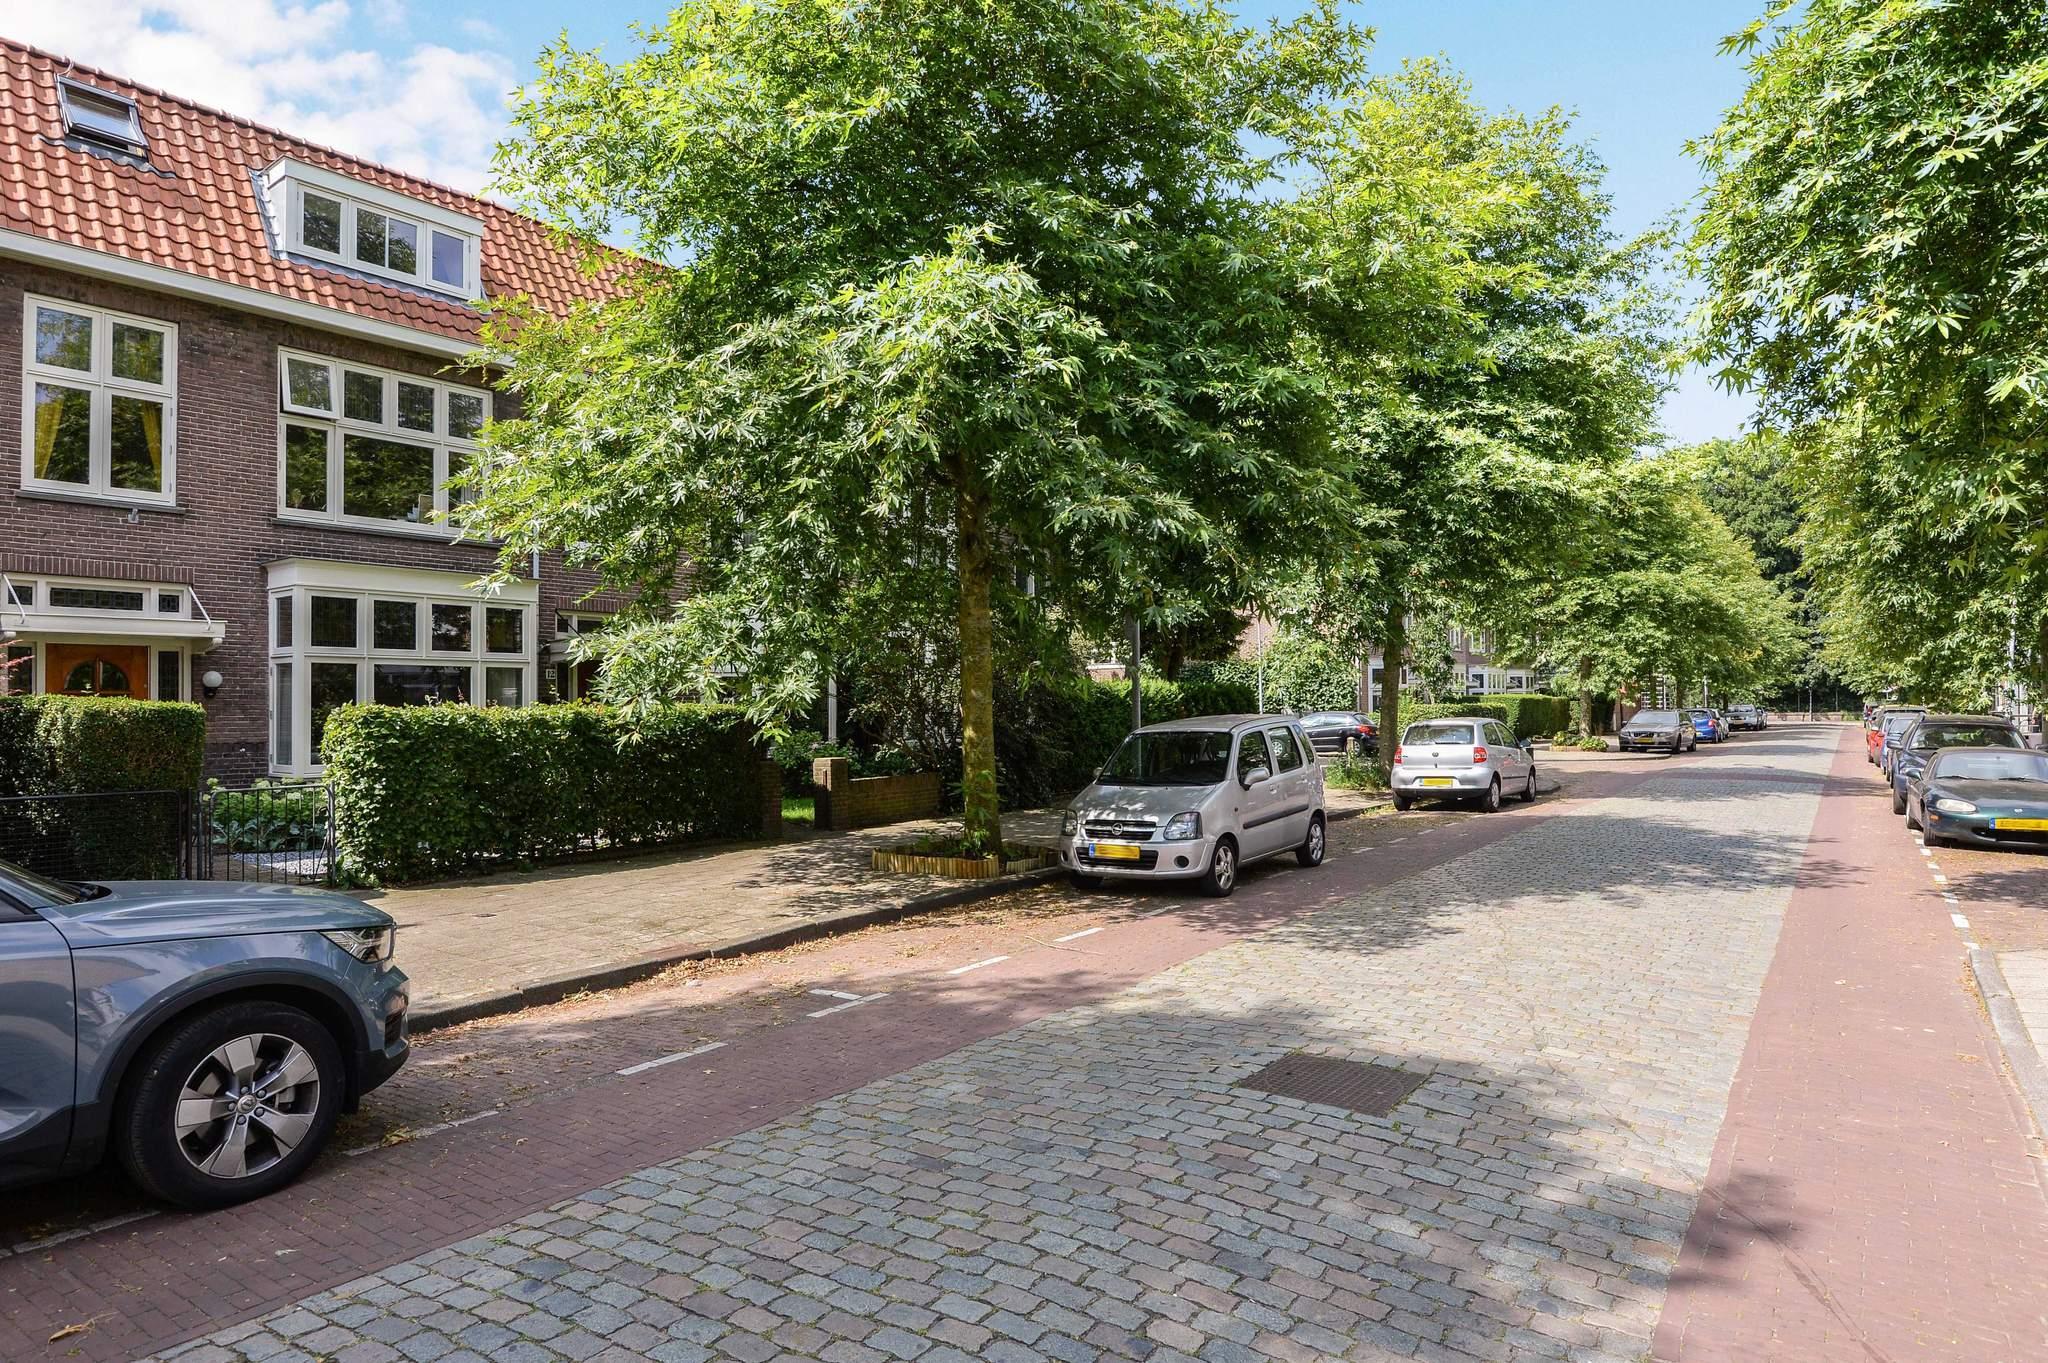 Twijnderslaan 14, Haarlem Haarlem